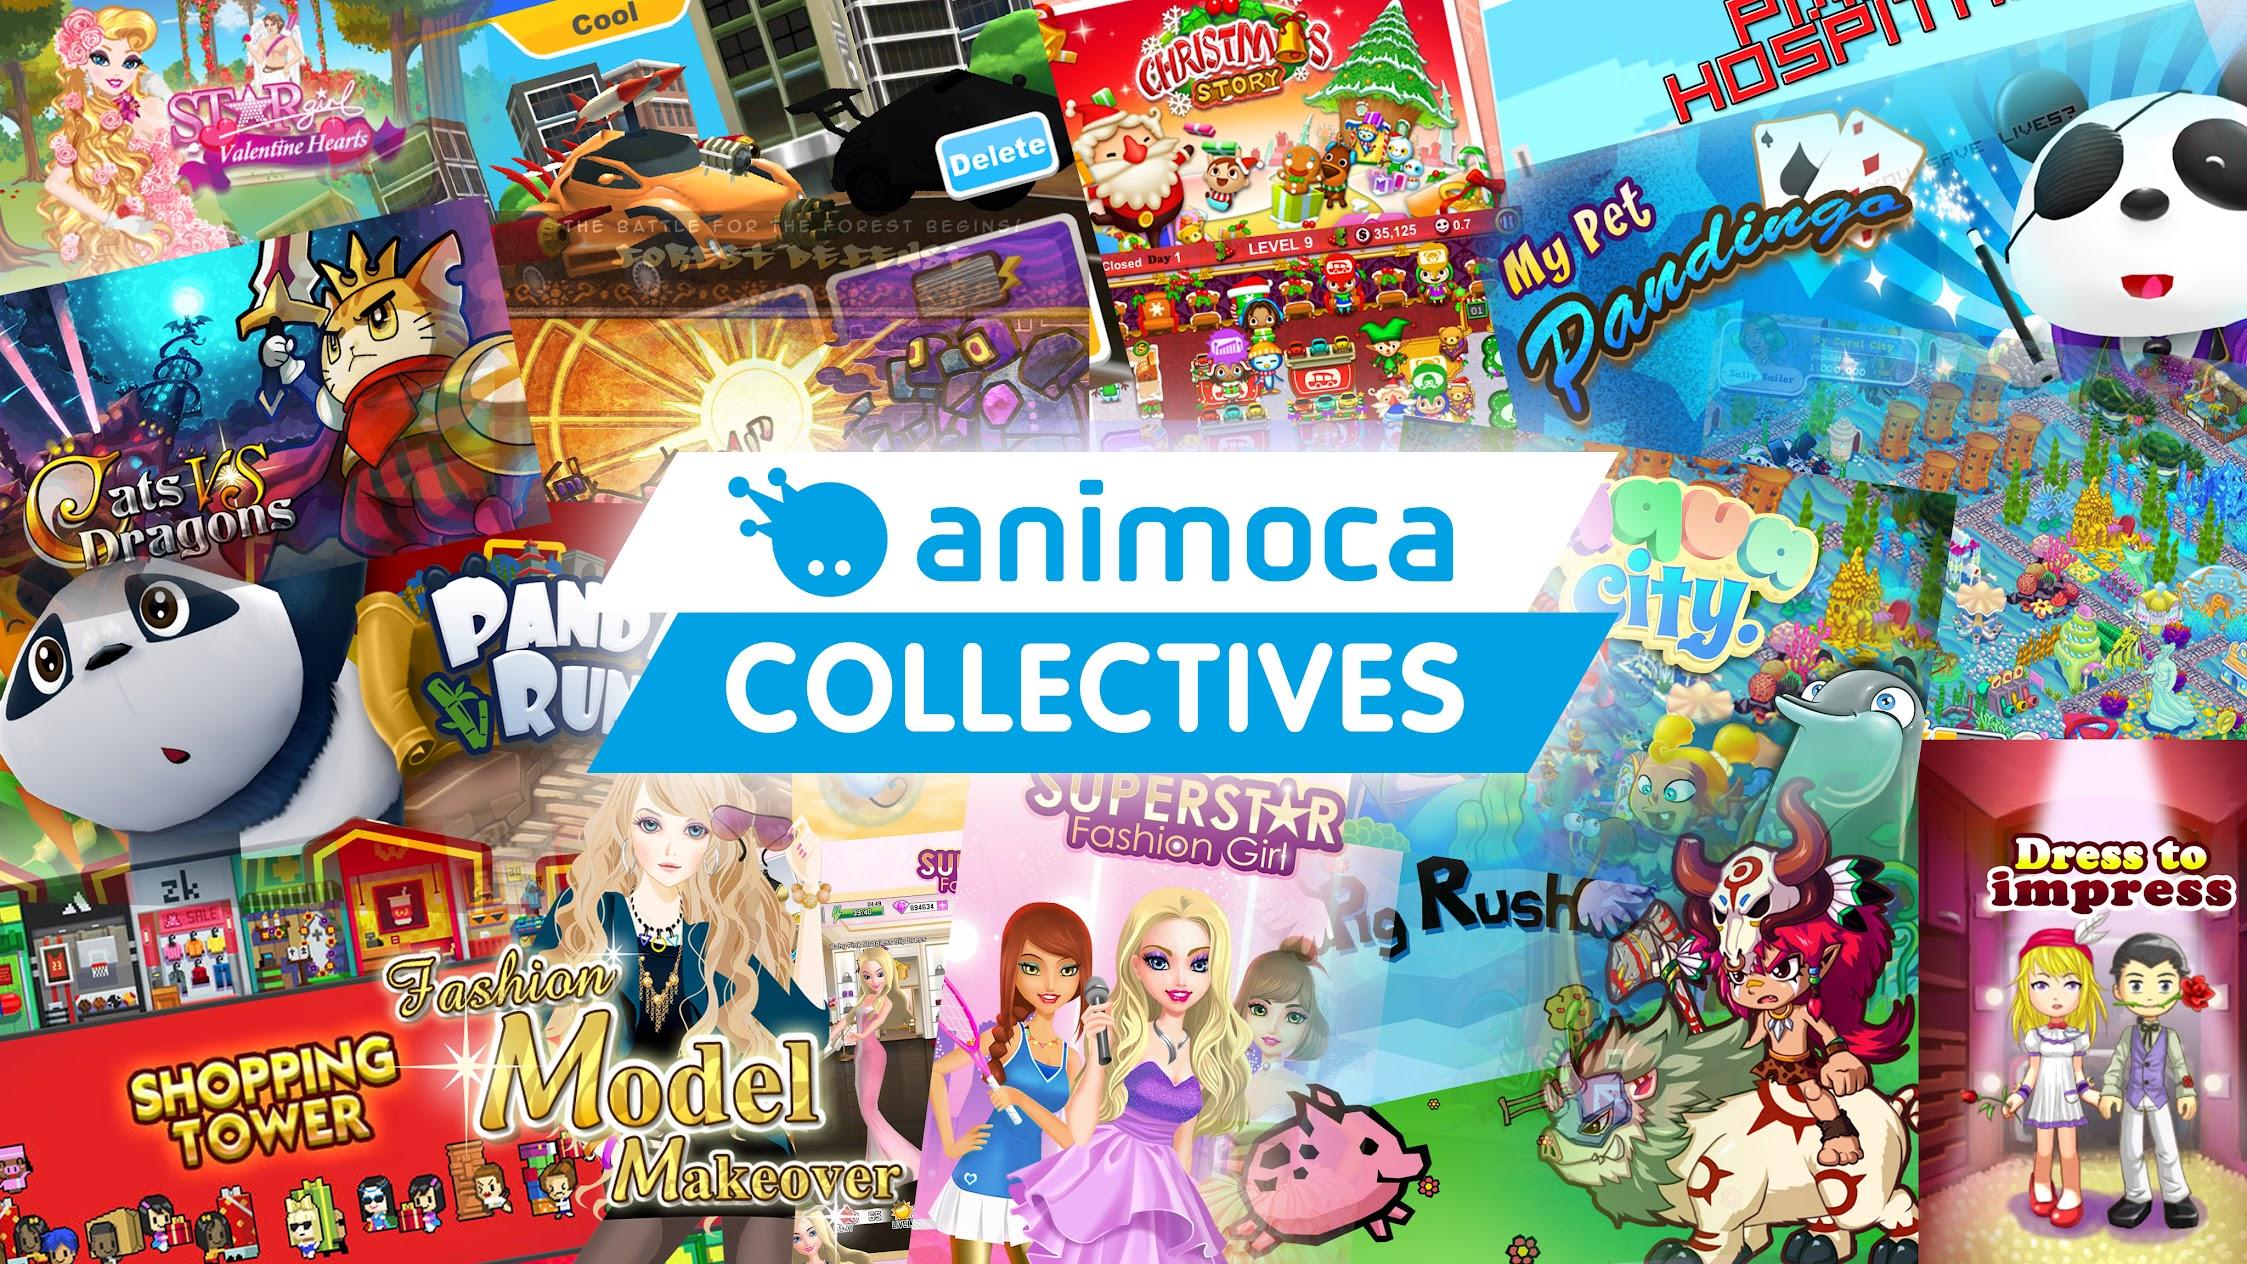 Animoca Collective